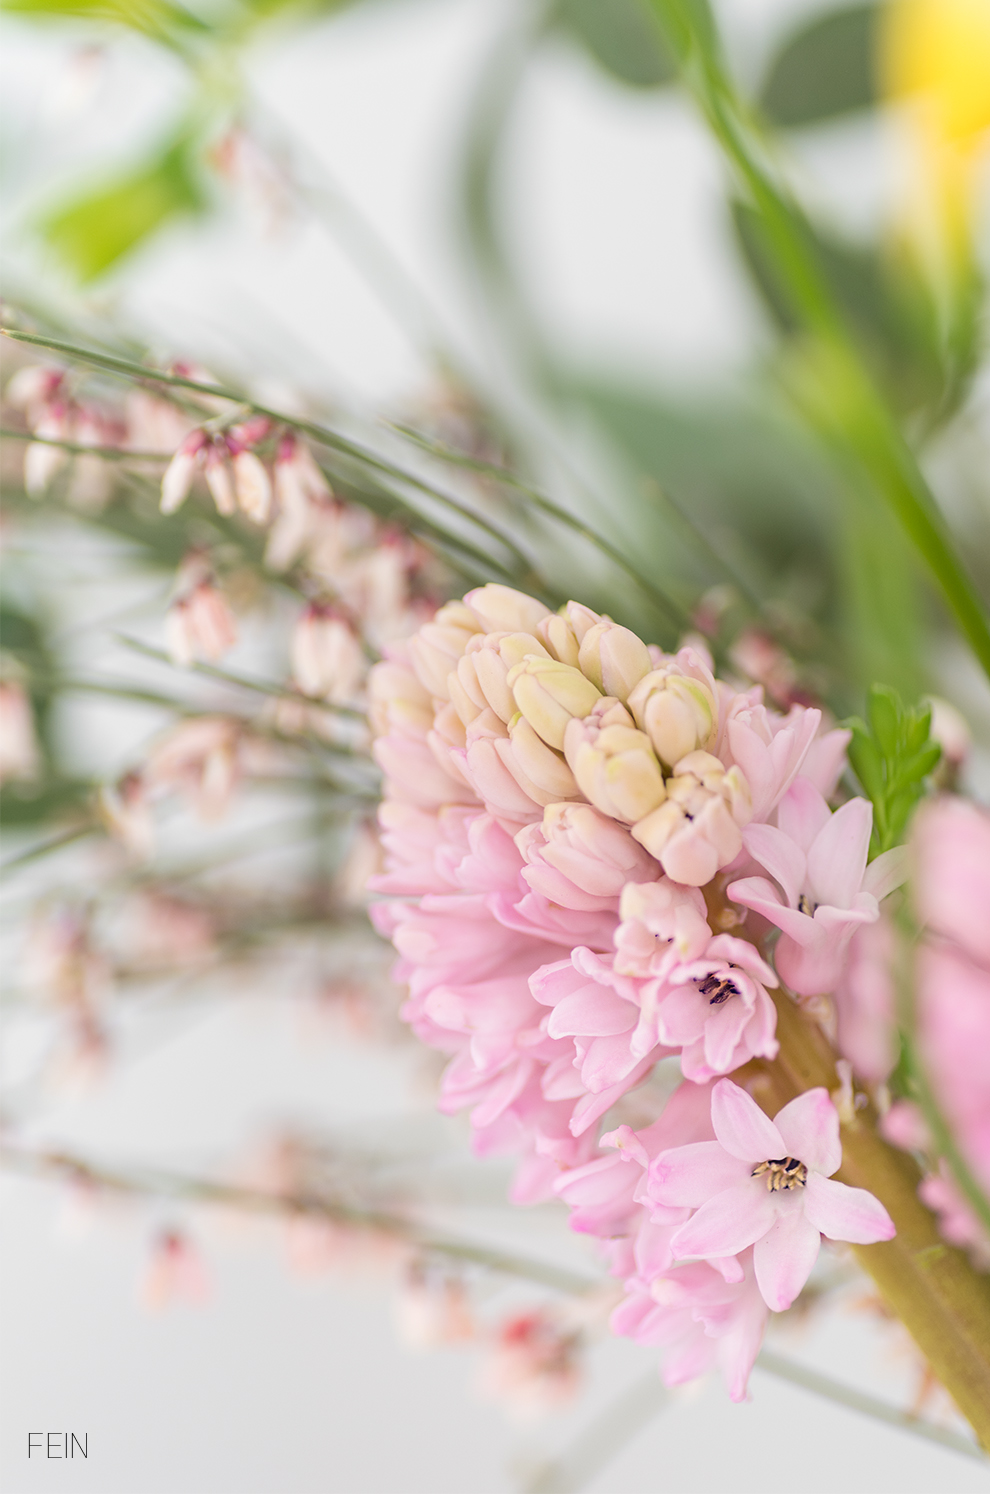 Zarte Töne Frühling